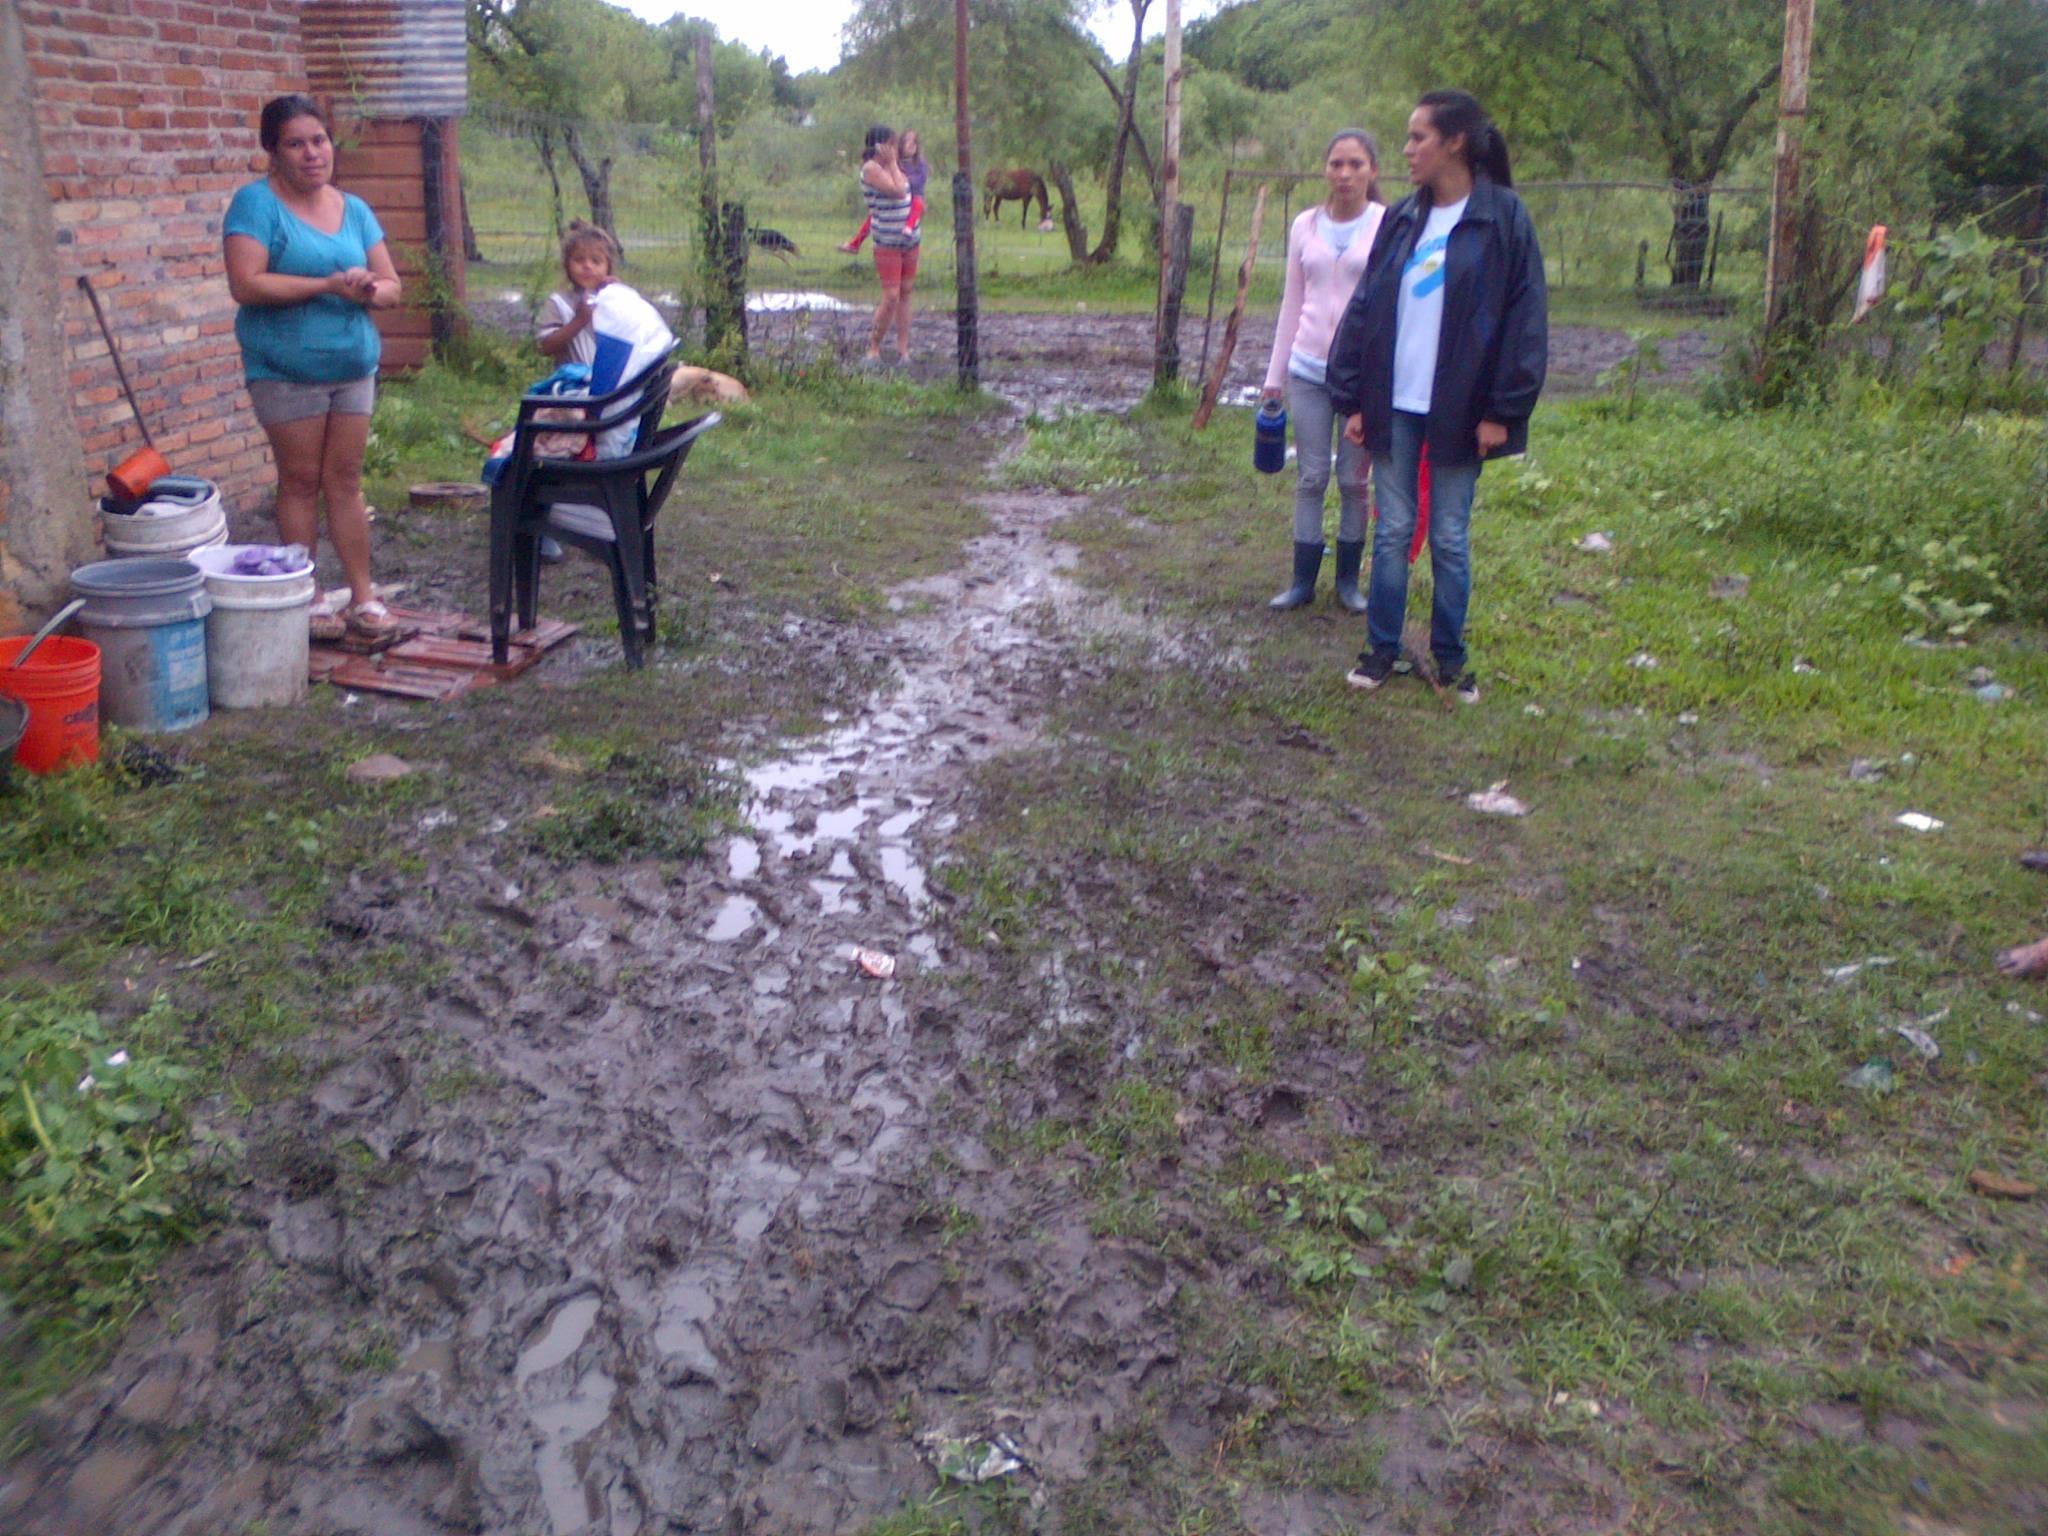 corrientes-sanluisdelpalmar-inundaciones-20marzo2014_1